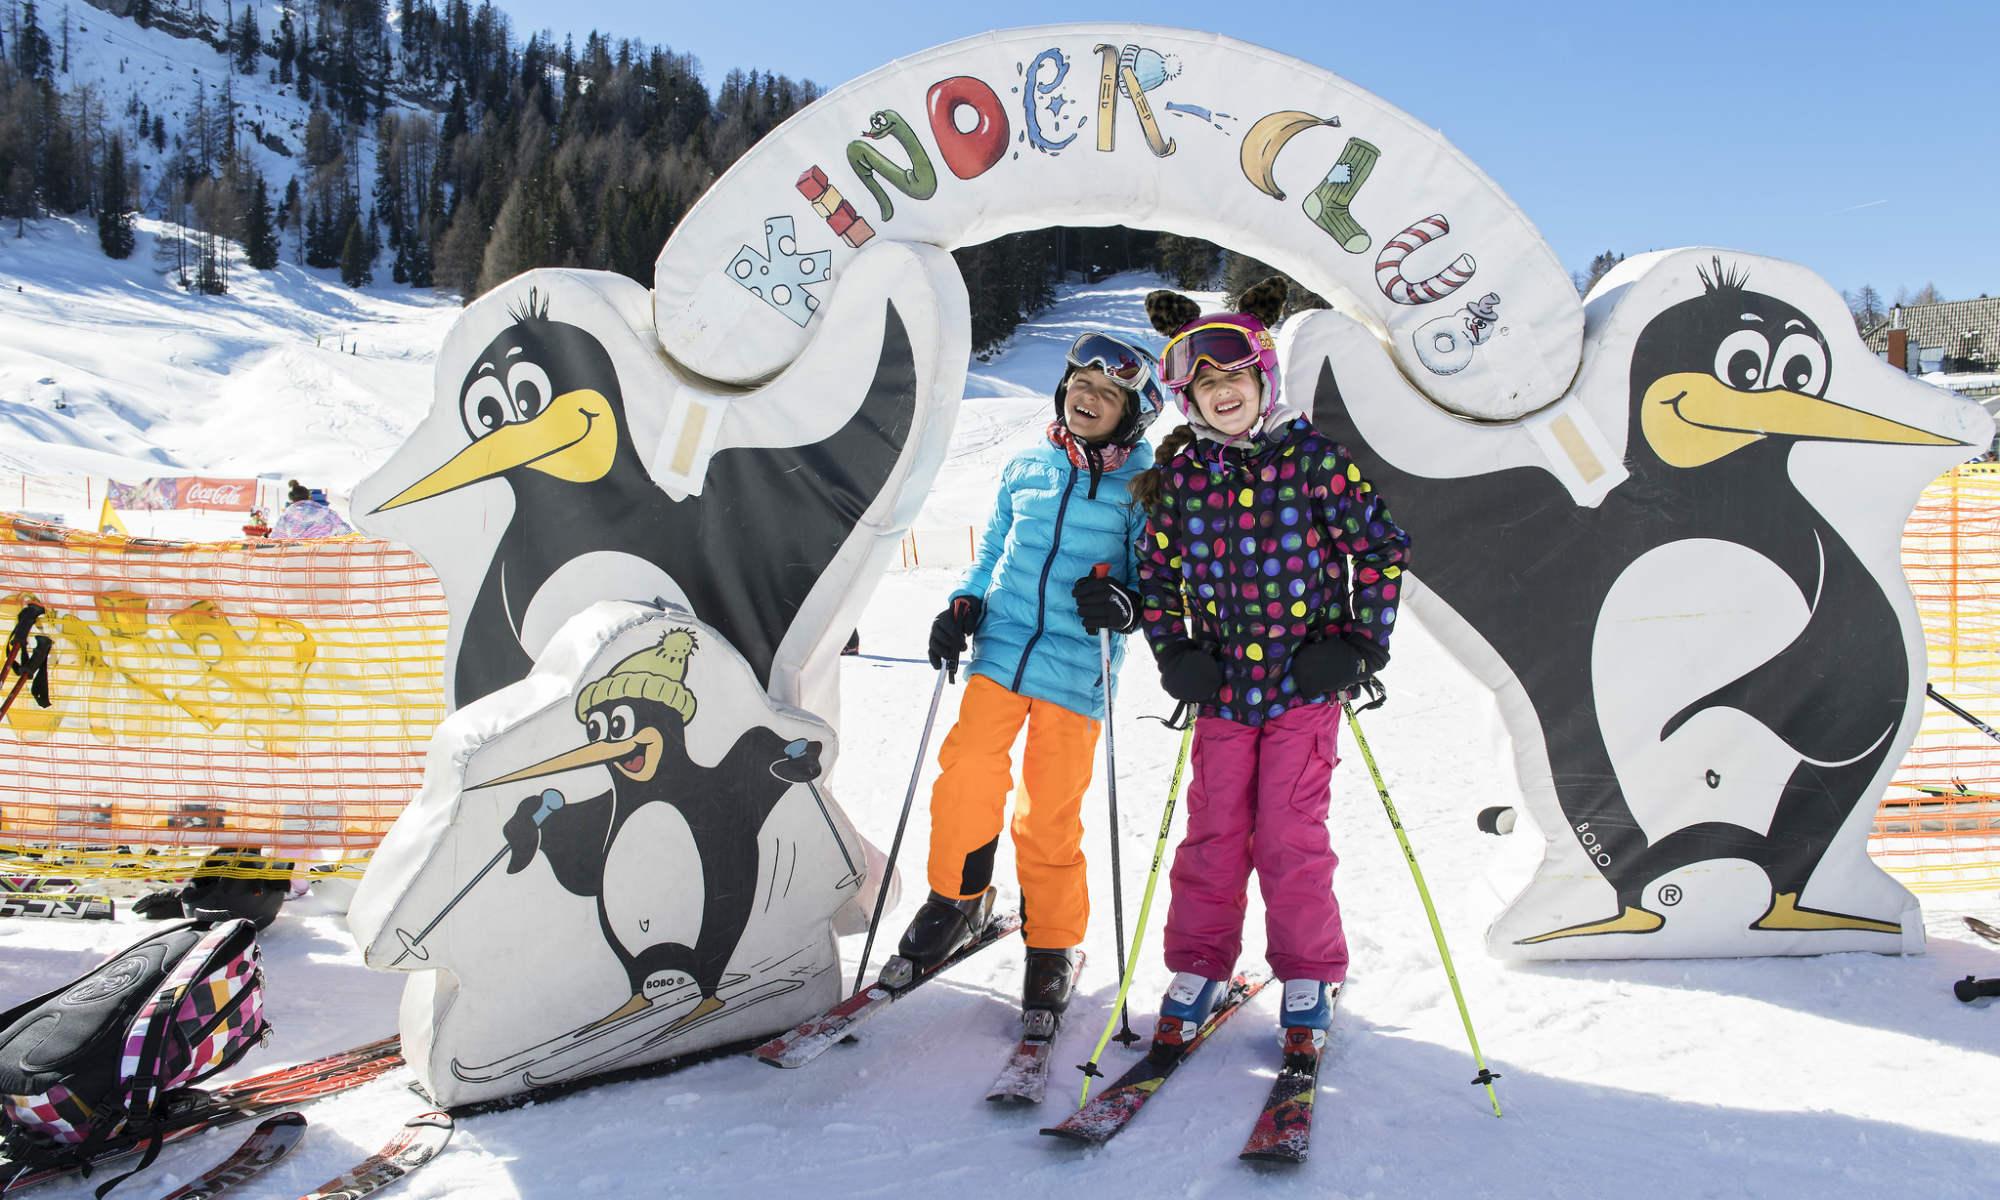 2 Kinder vor dem Eingang zum Kinder-Club Übungsgelände im Skigebiet Nassfeld.